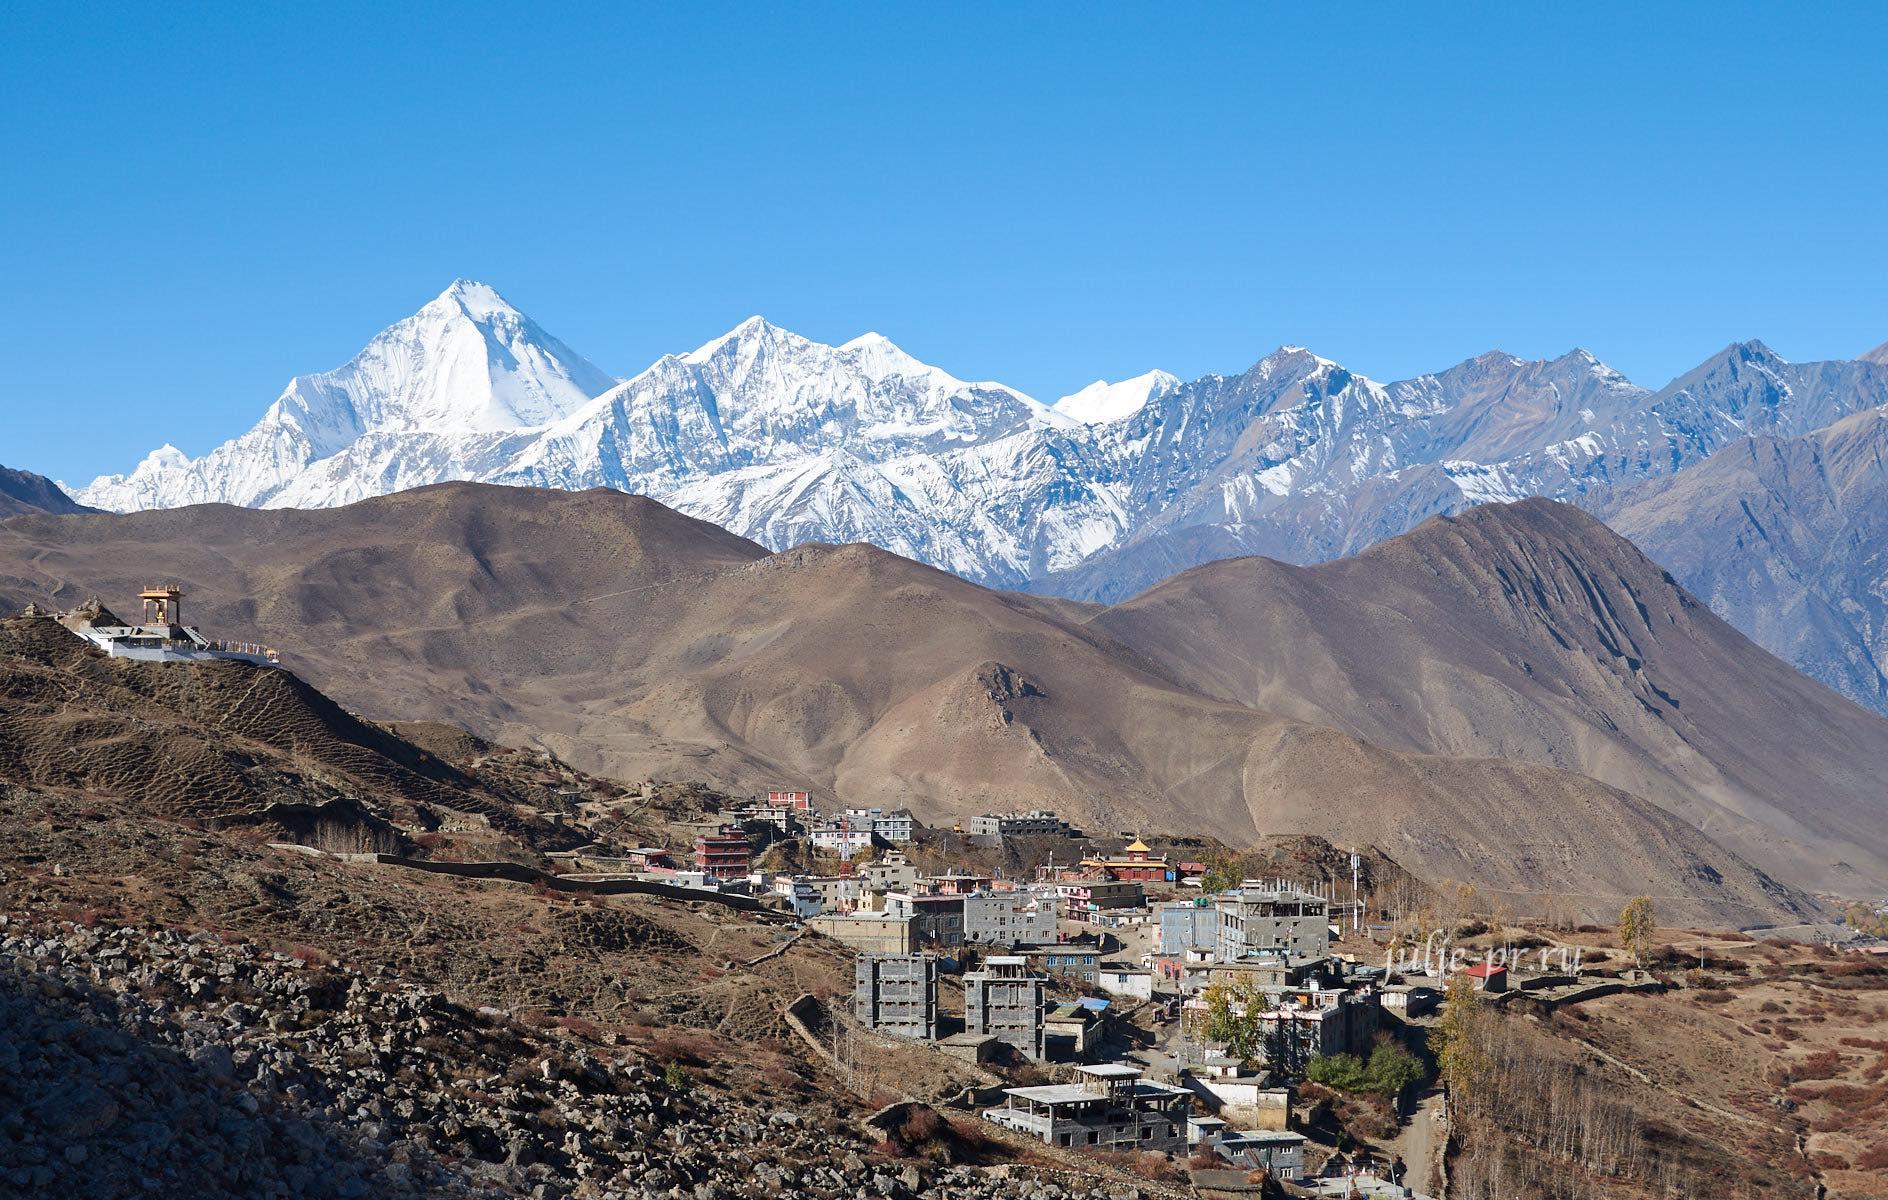 Непал, деревня Ранипаува, вид на Дхаулагири